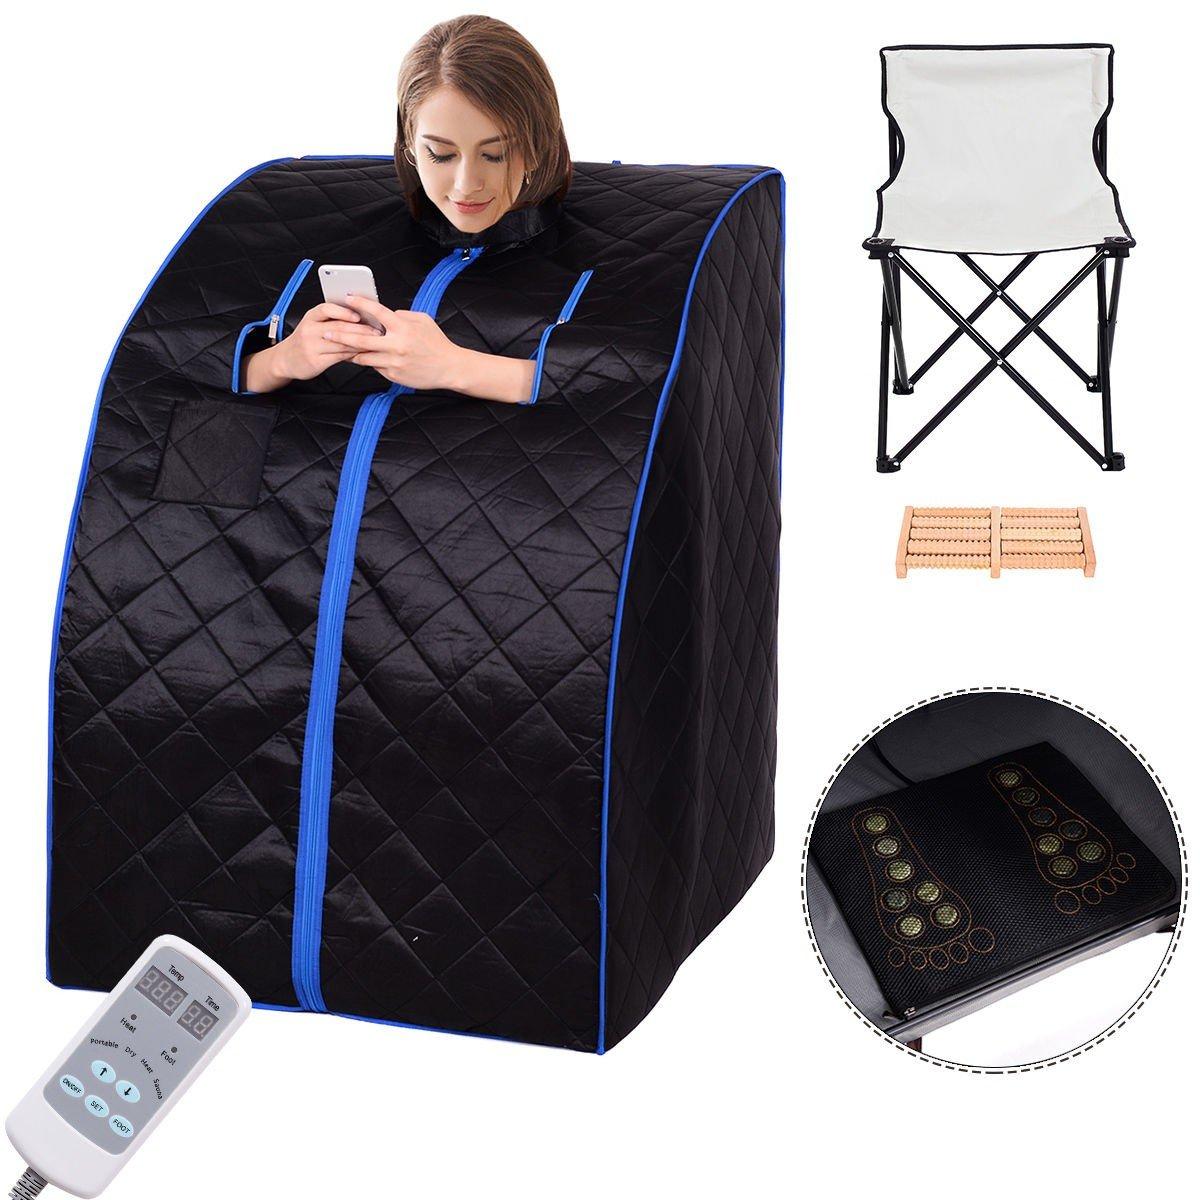 ポータブル遠赤外線サウナwith椅子 – by Choice製品  ブラック B074H9CLZ6